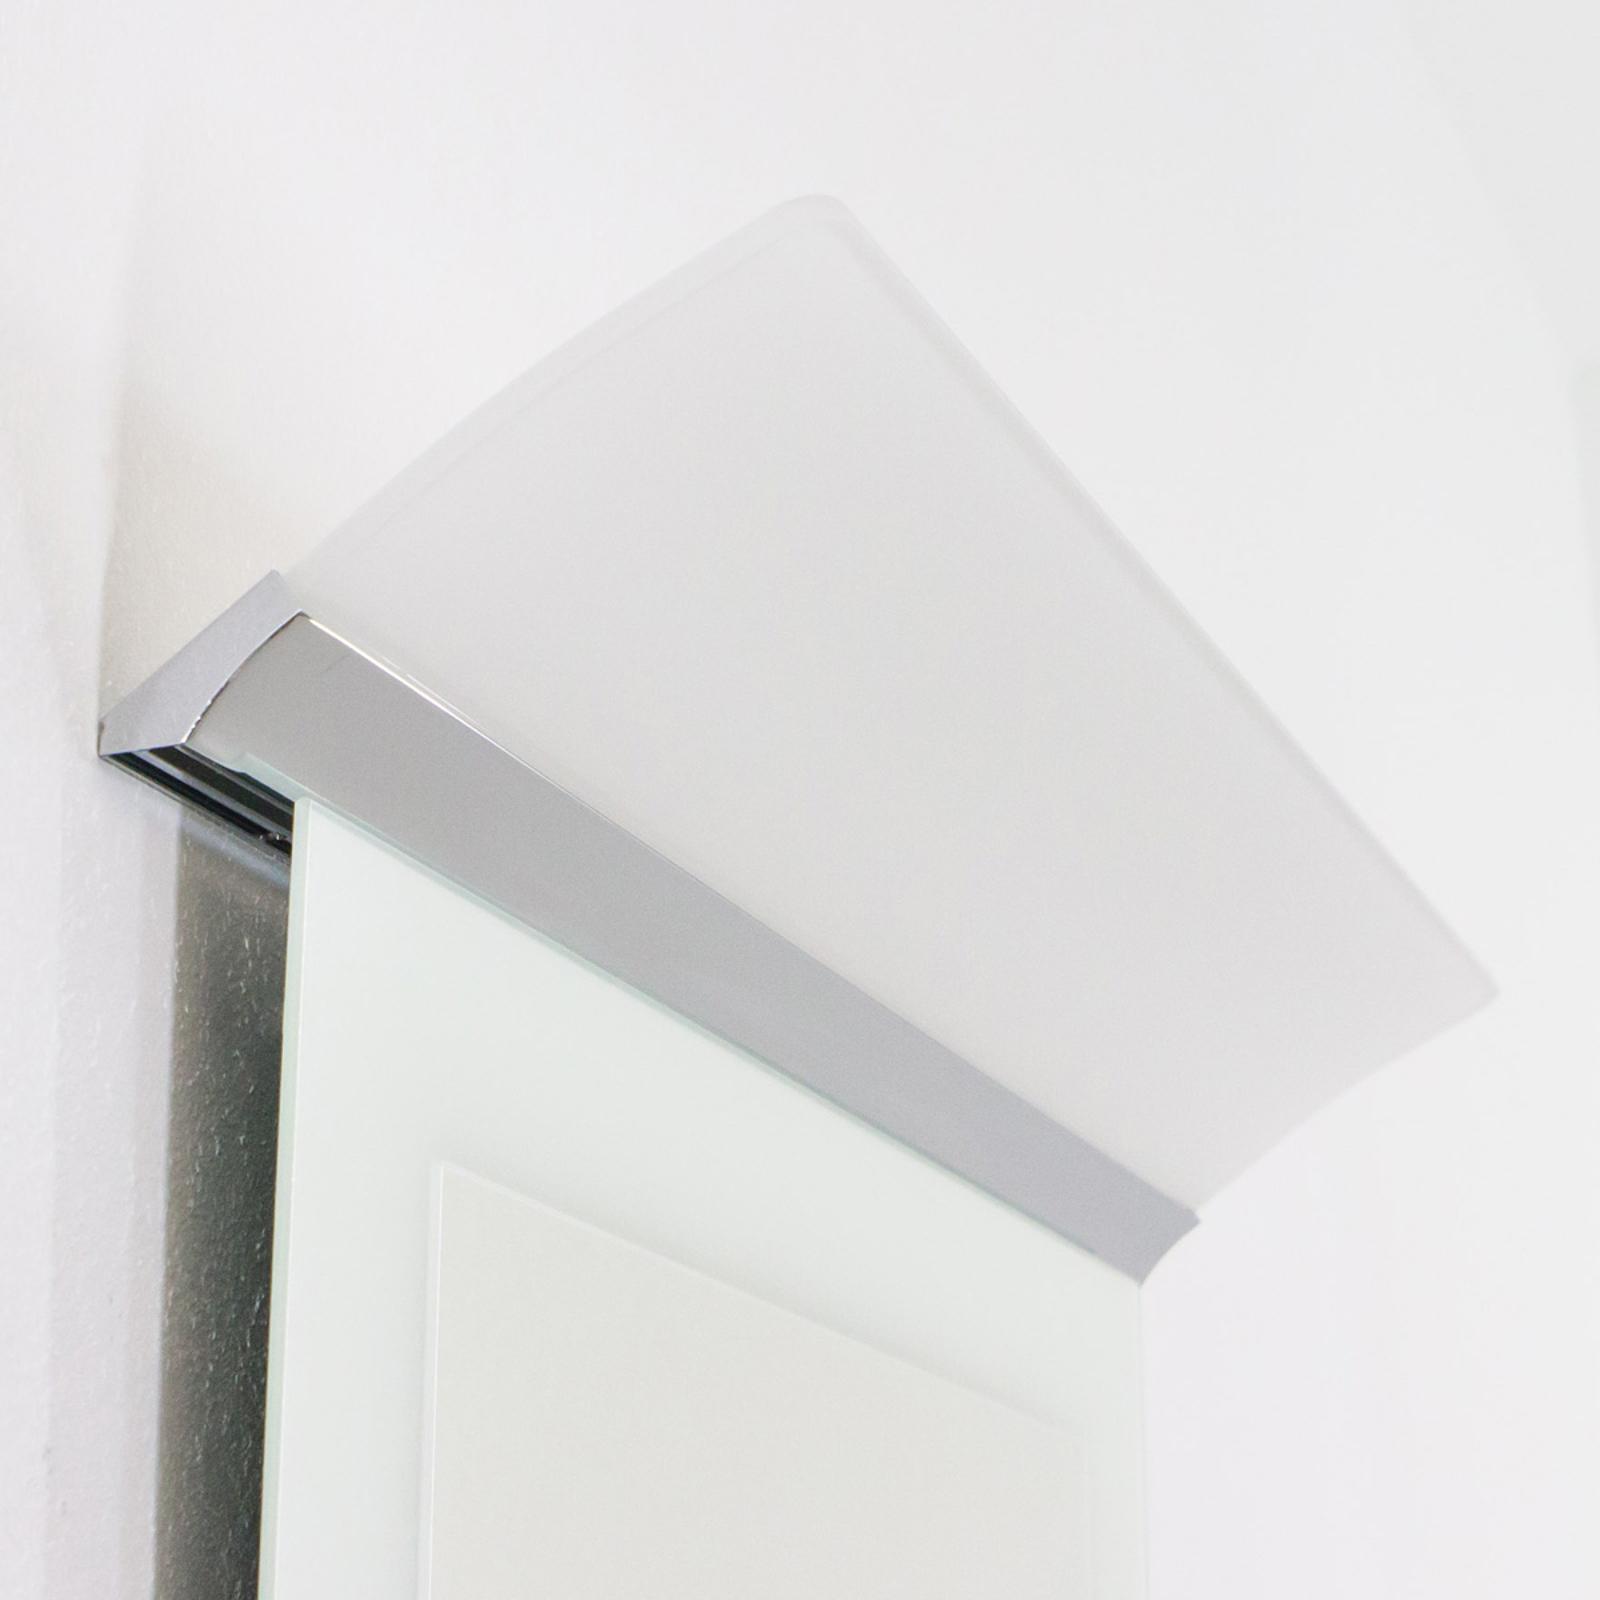 Grande applique pour miroir LED Angela IP44, 50 cm